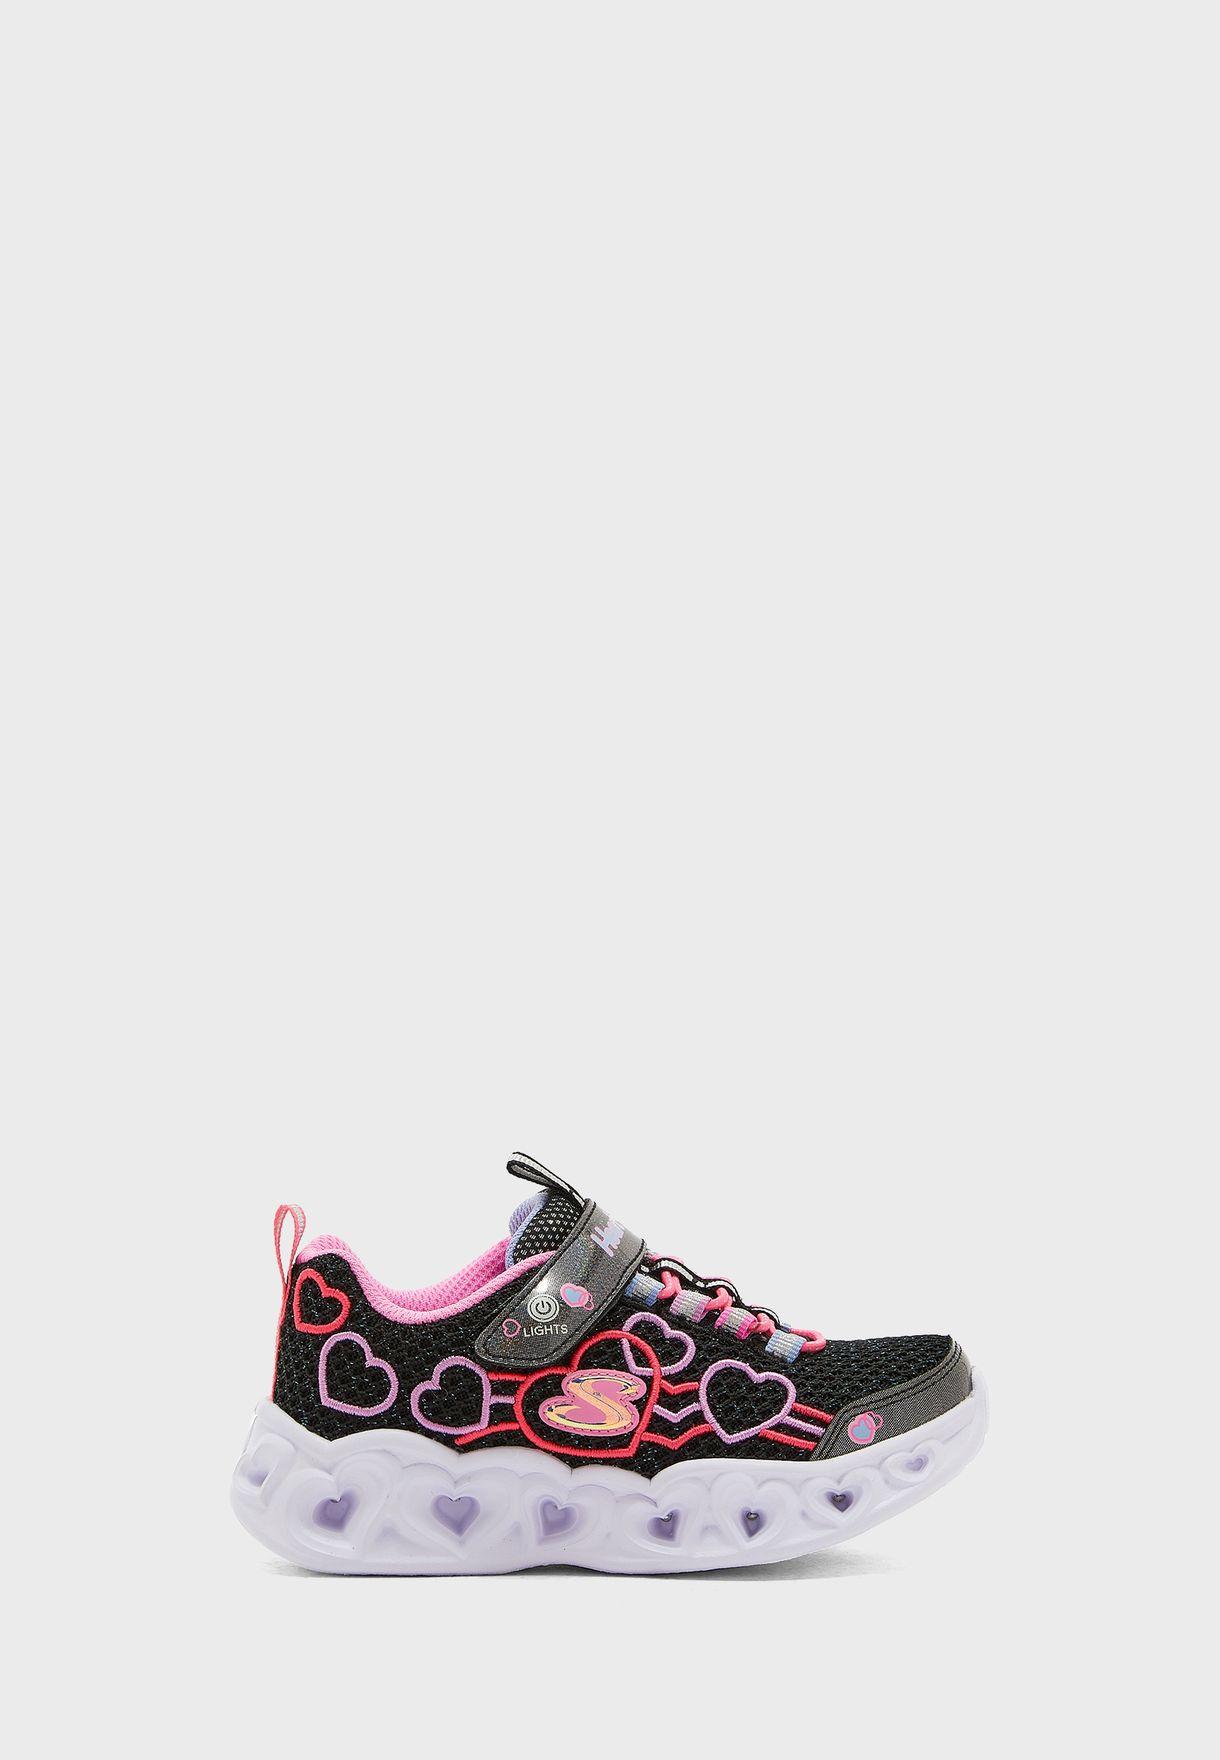 حذاء مزين بأضواء بشكل قلب